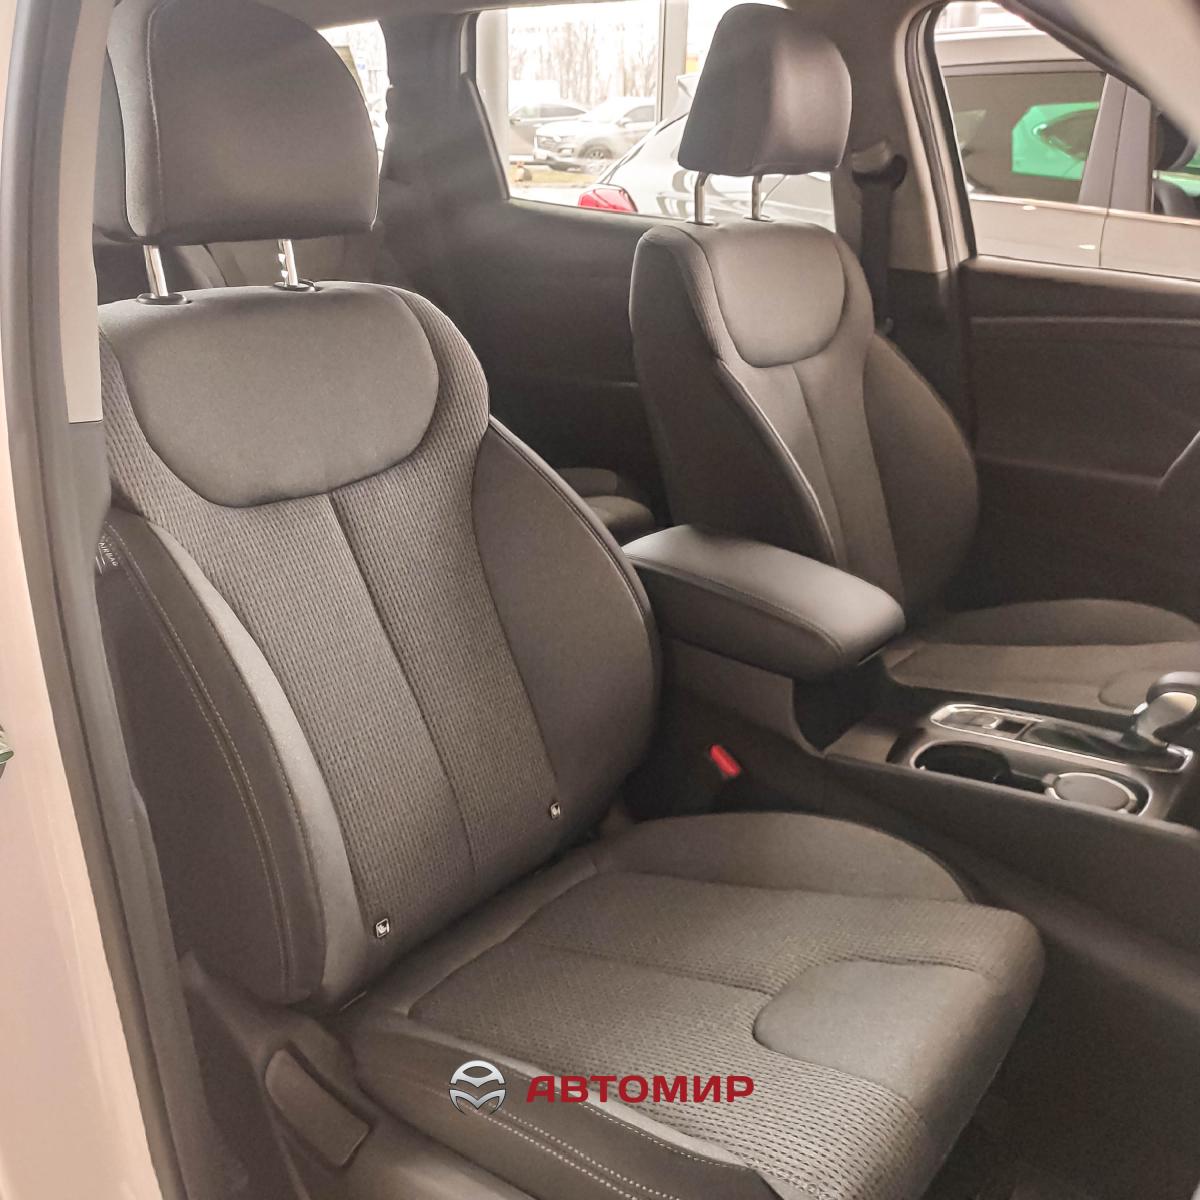 Теплі функції автомобілів Hyundai | БУГ АВТО - фото 10